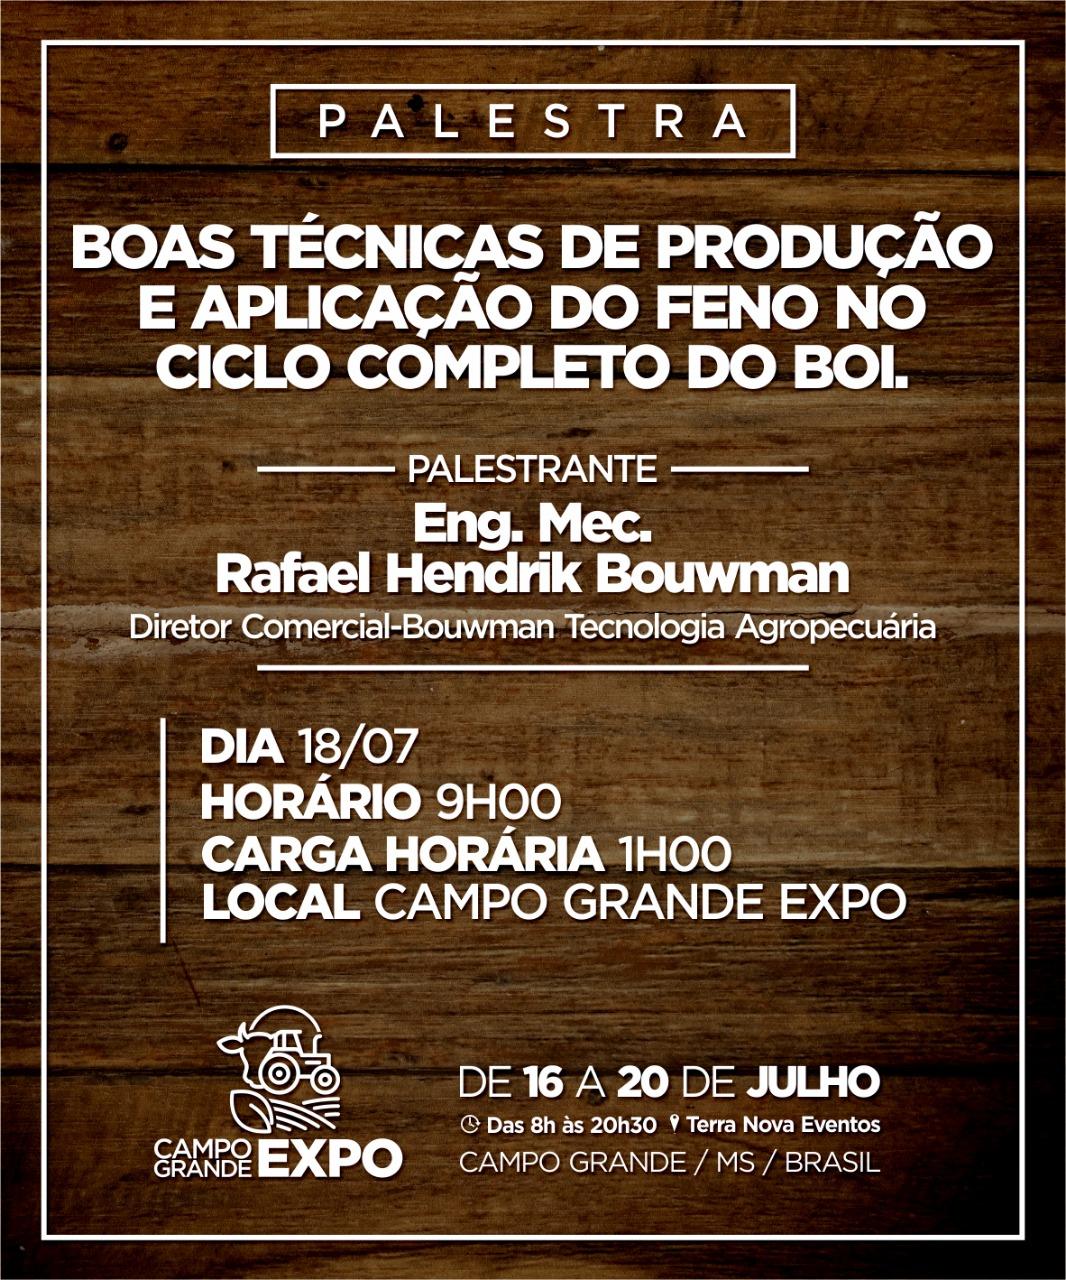 Convite Palestra Campo Grande Expo